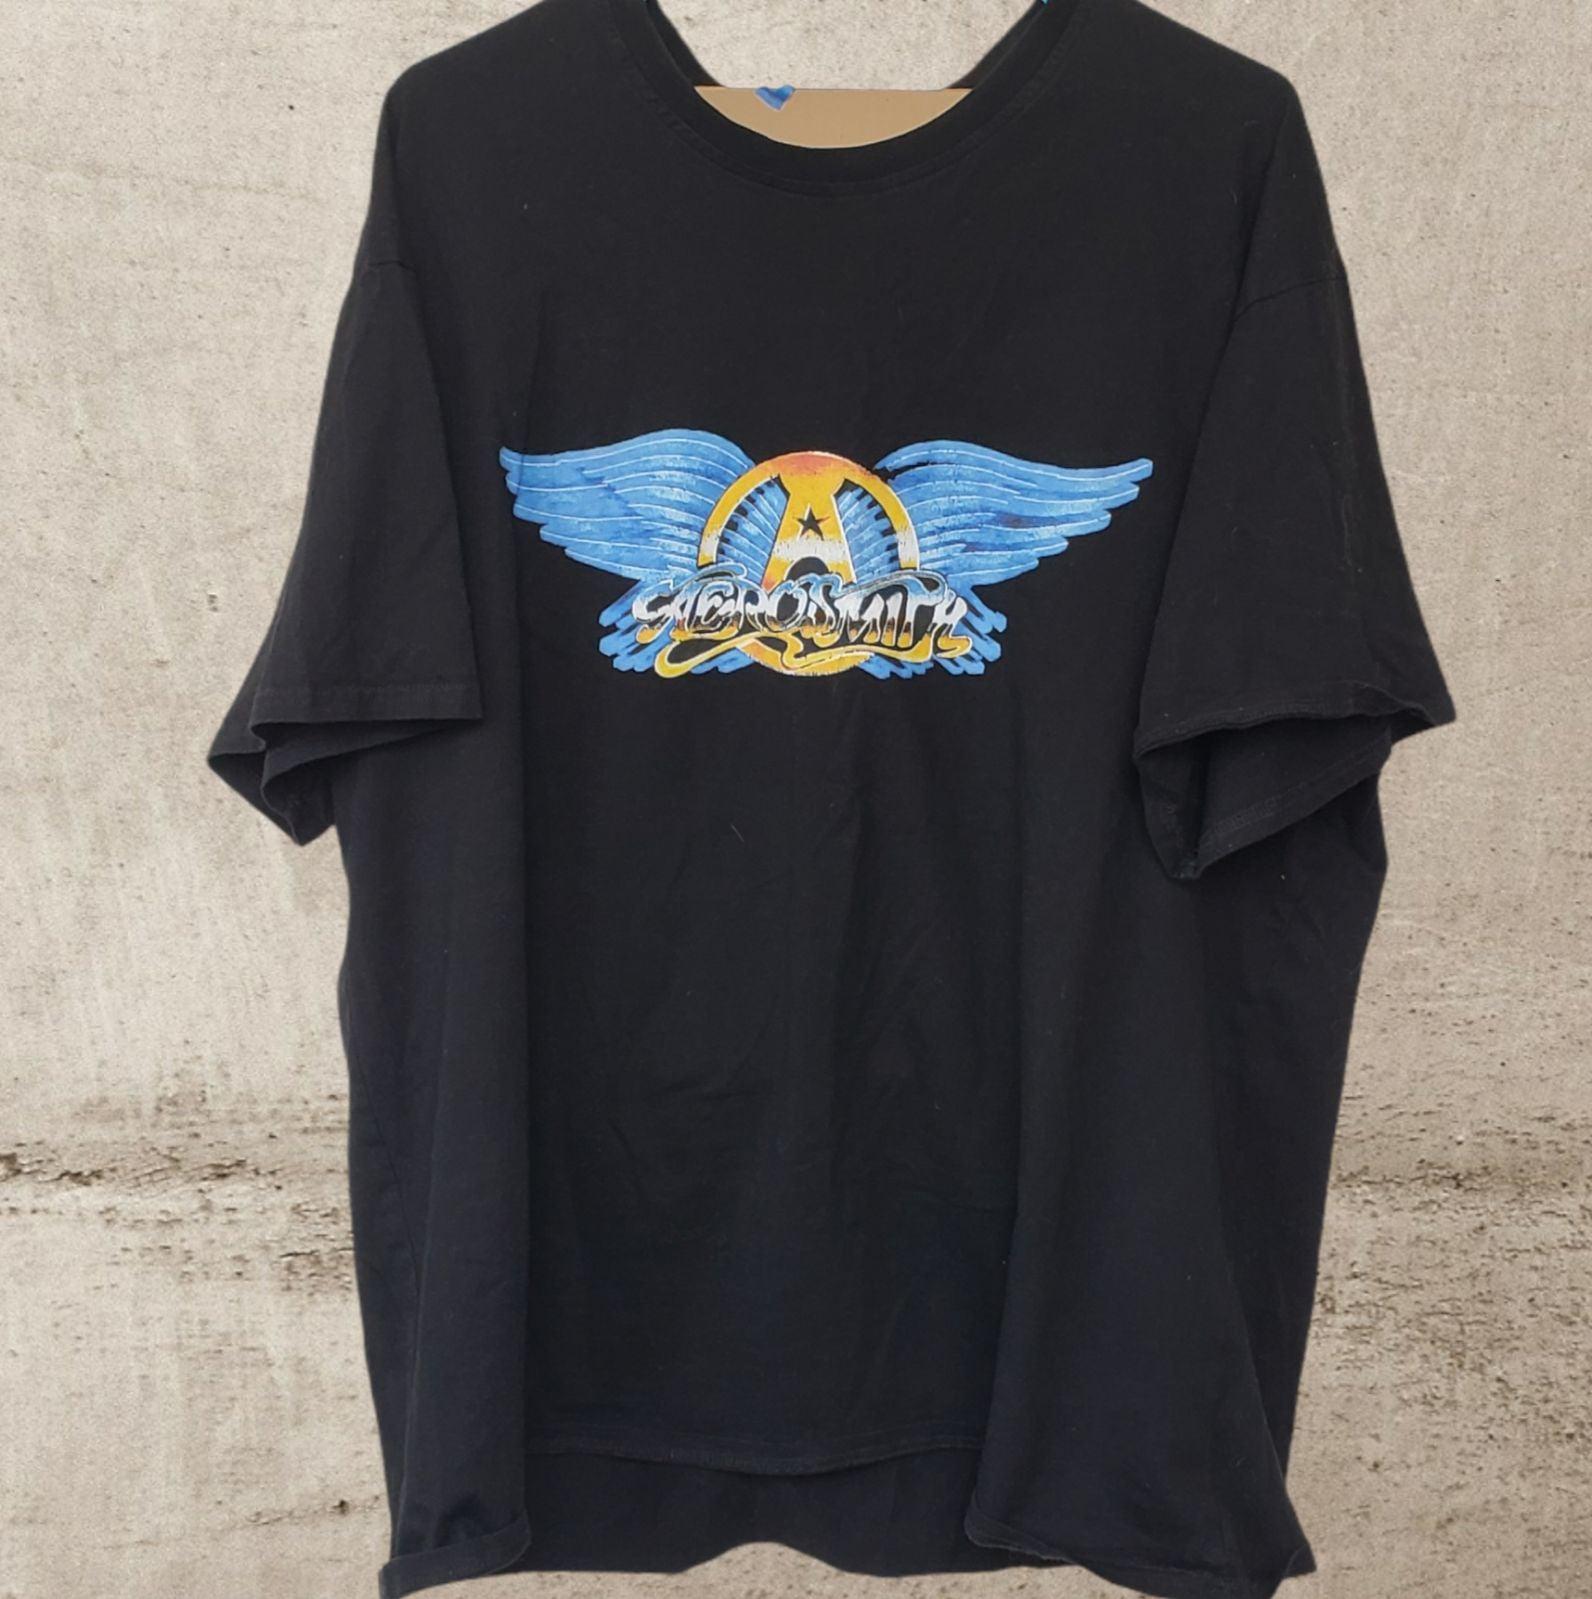 Aerosmith 1982 Tour Shirt 2xl